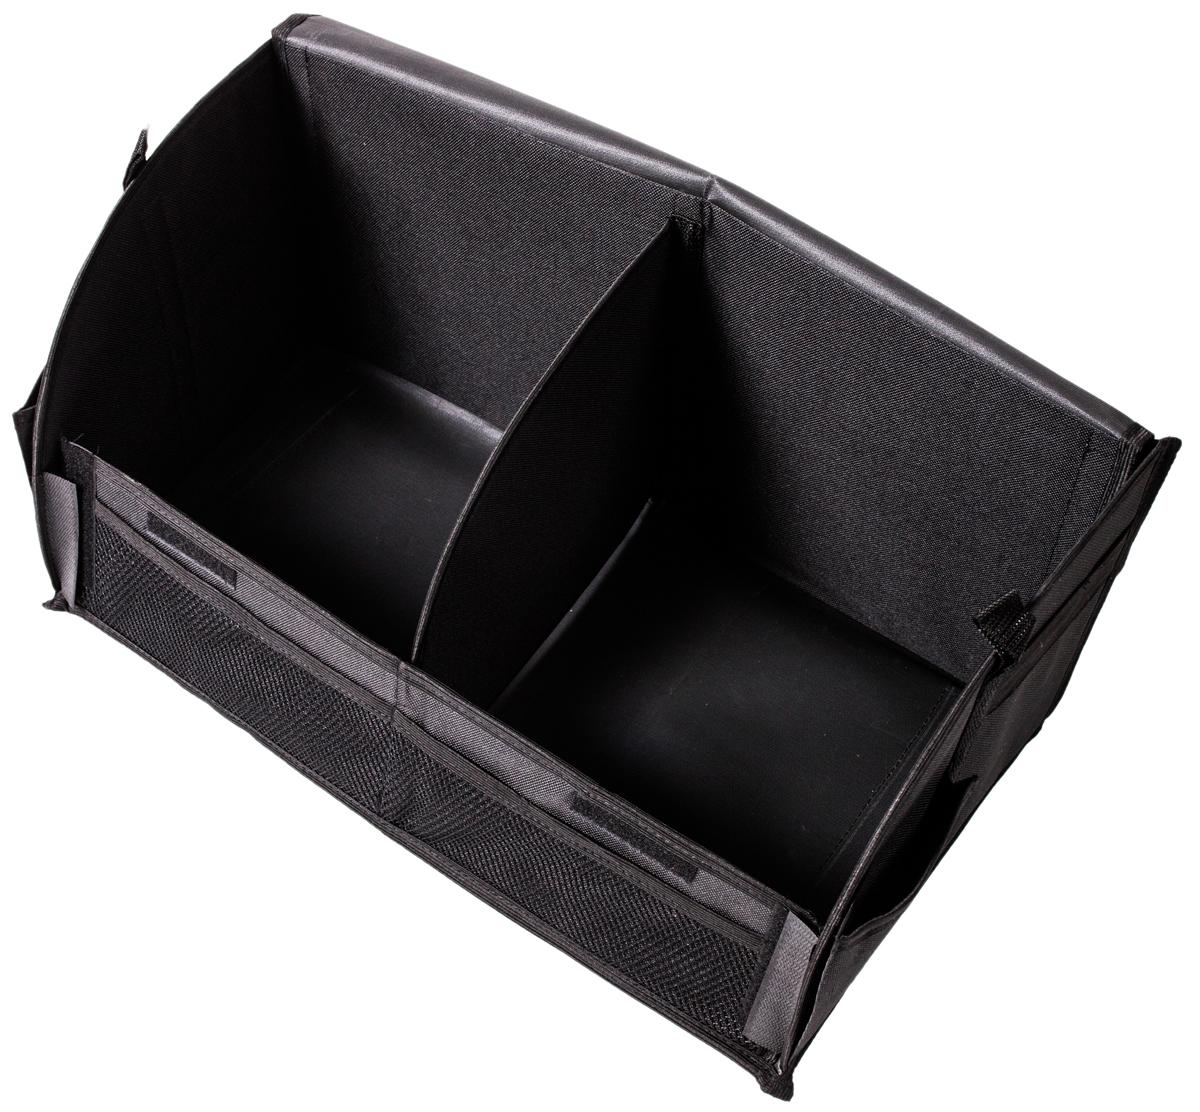 Органайзер AvtoTink, в багажник, складной, цвет: черный, 48 х 26 х 24 см органайзер в багажник goodyear складной 1 секция gy001001